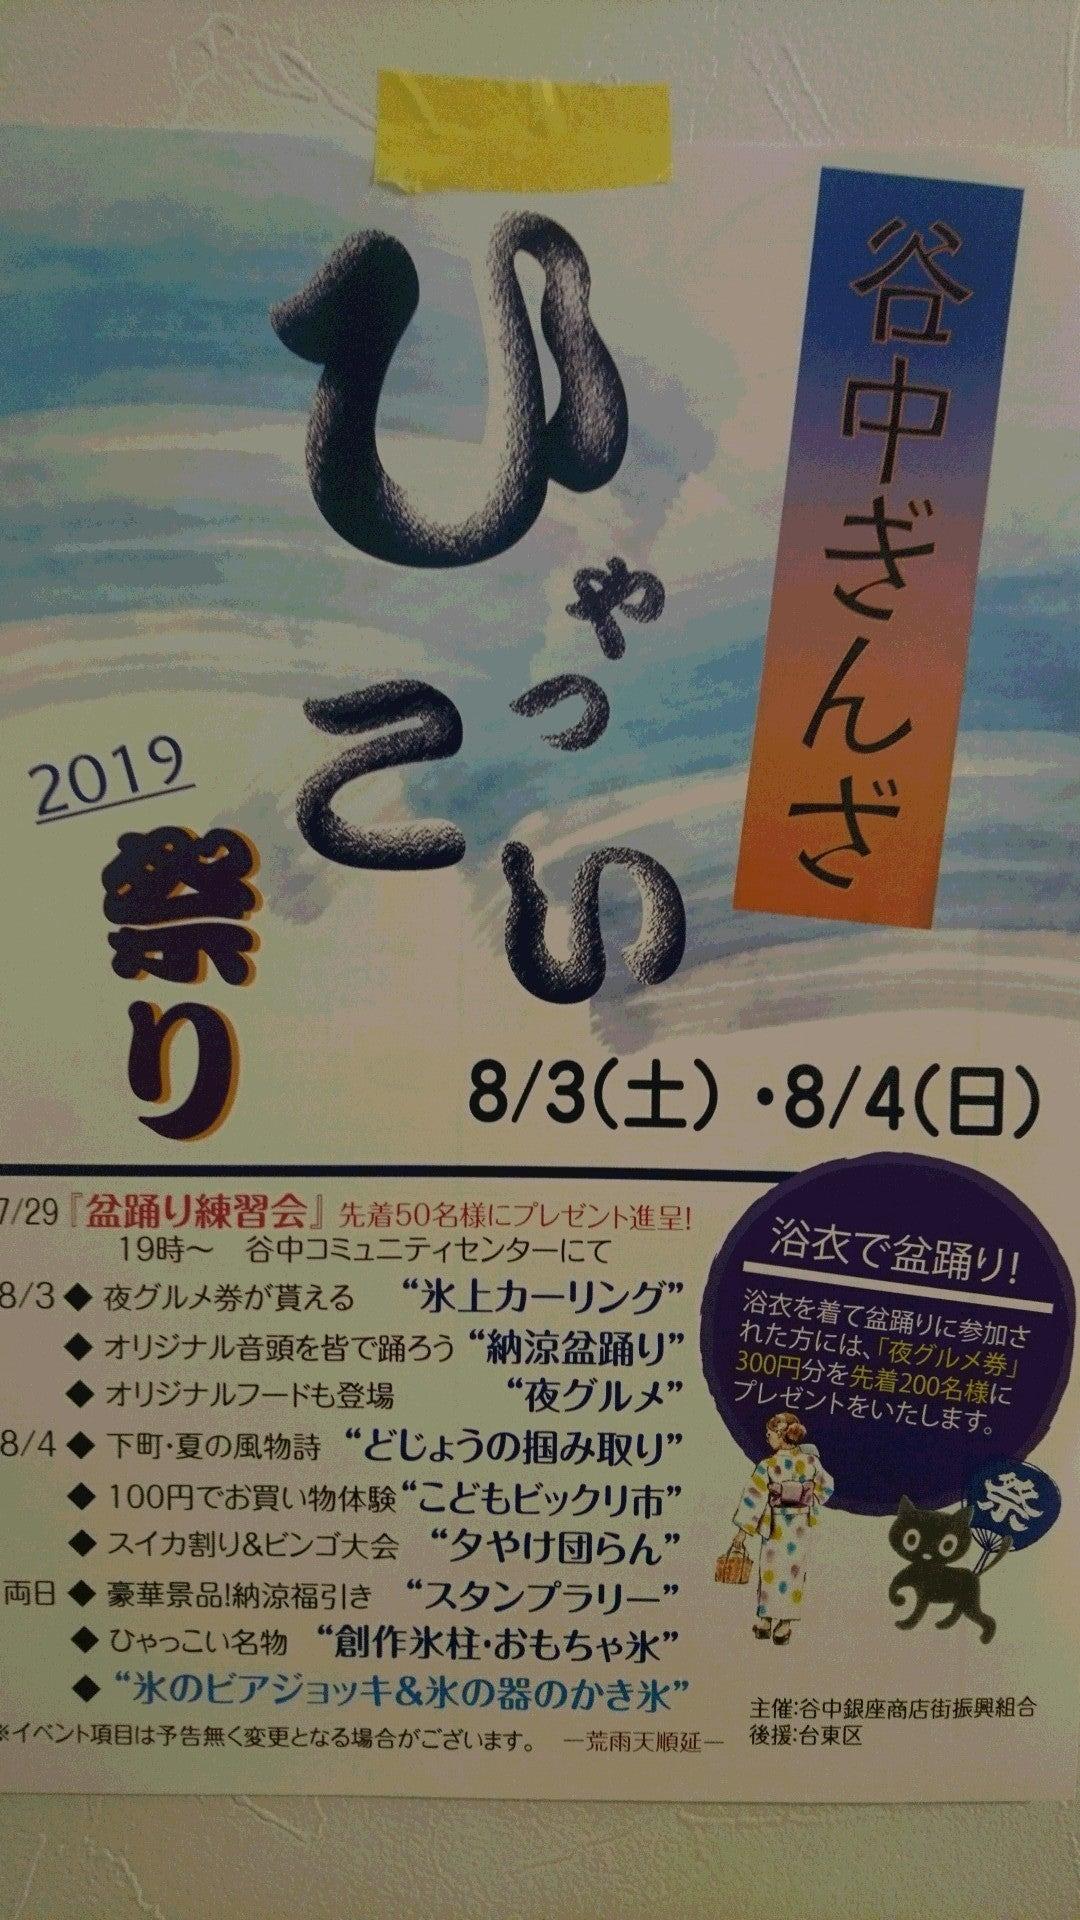 谷中ぎんざ「ひゃっこい祭り」今日・明日です!!の記事より